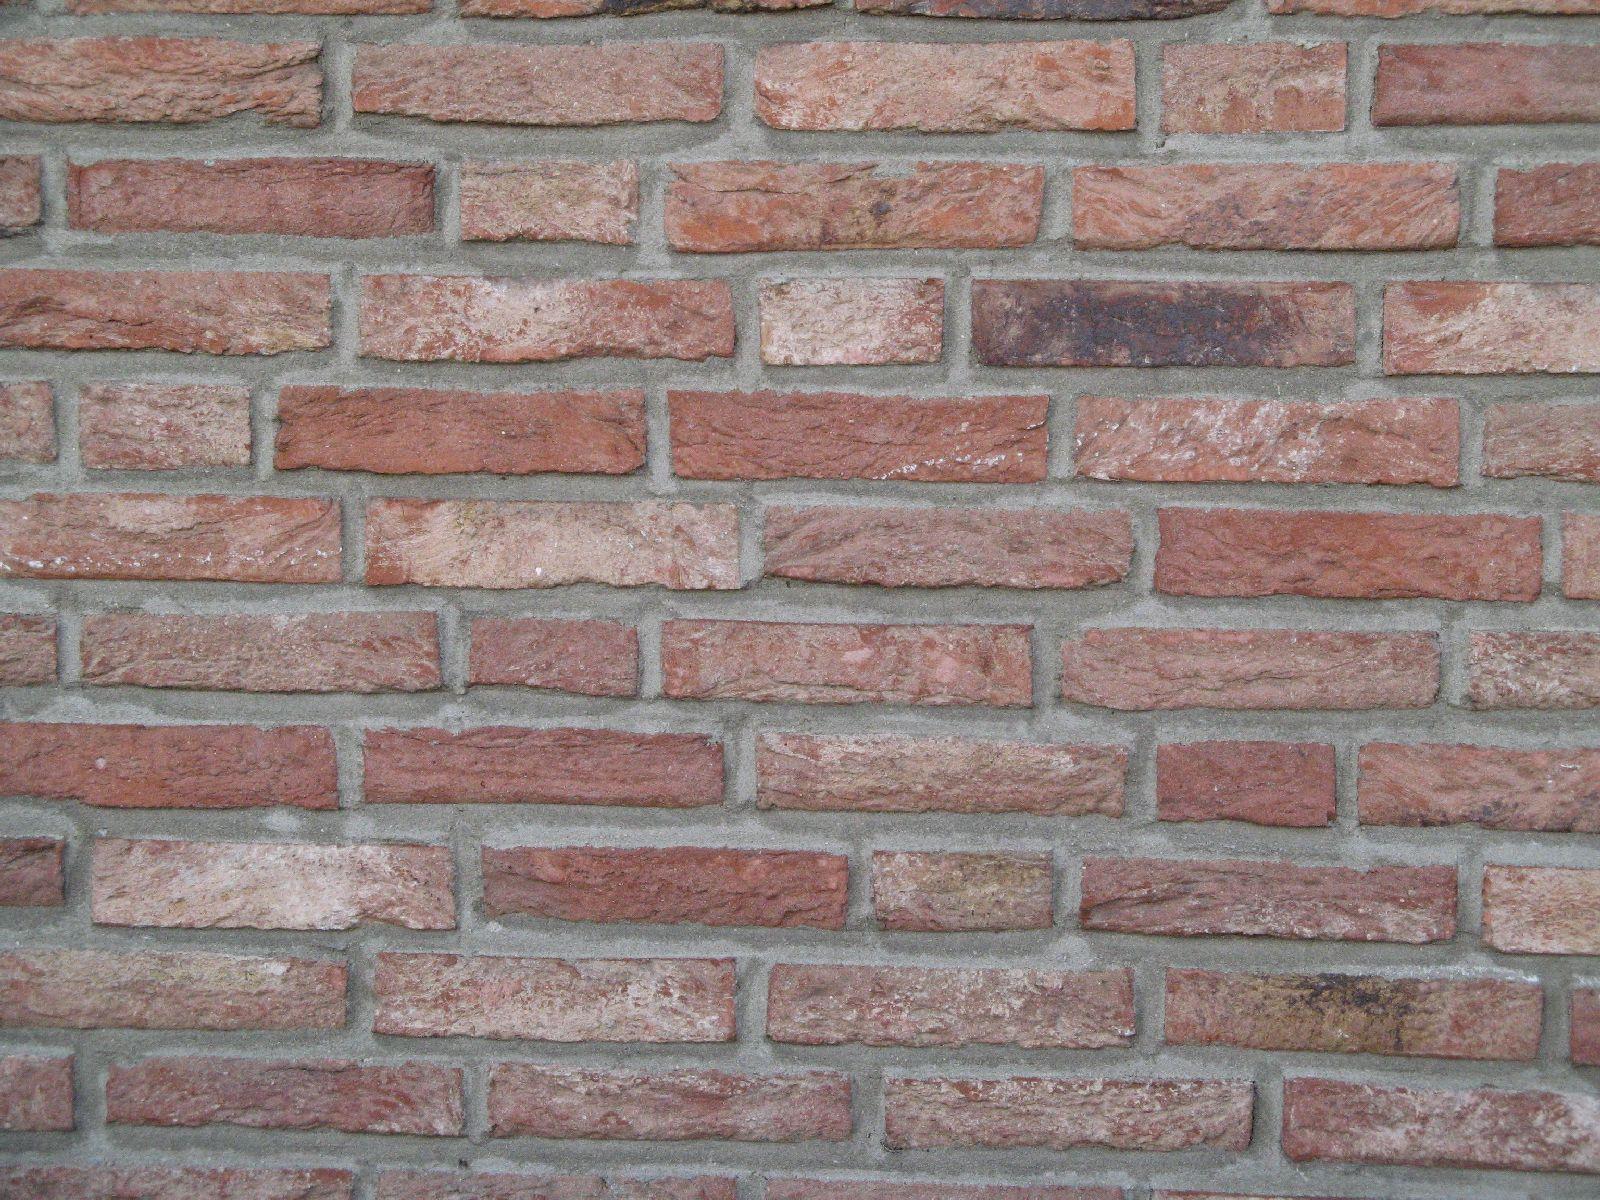 Wand-Mauerwerk-Backstein_Textur_B_5765